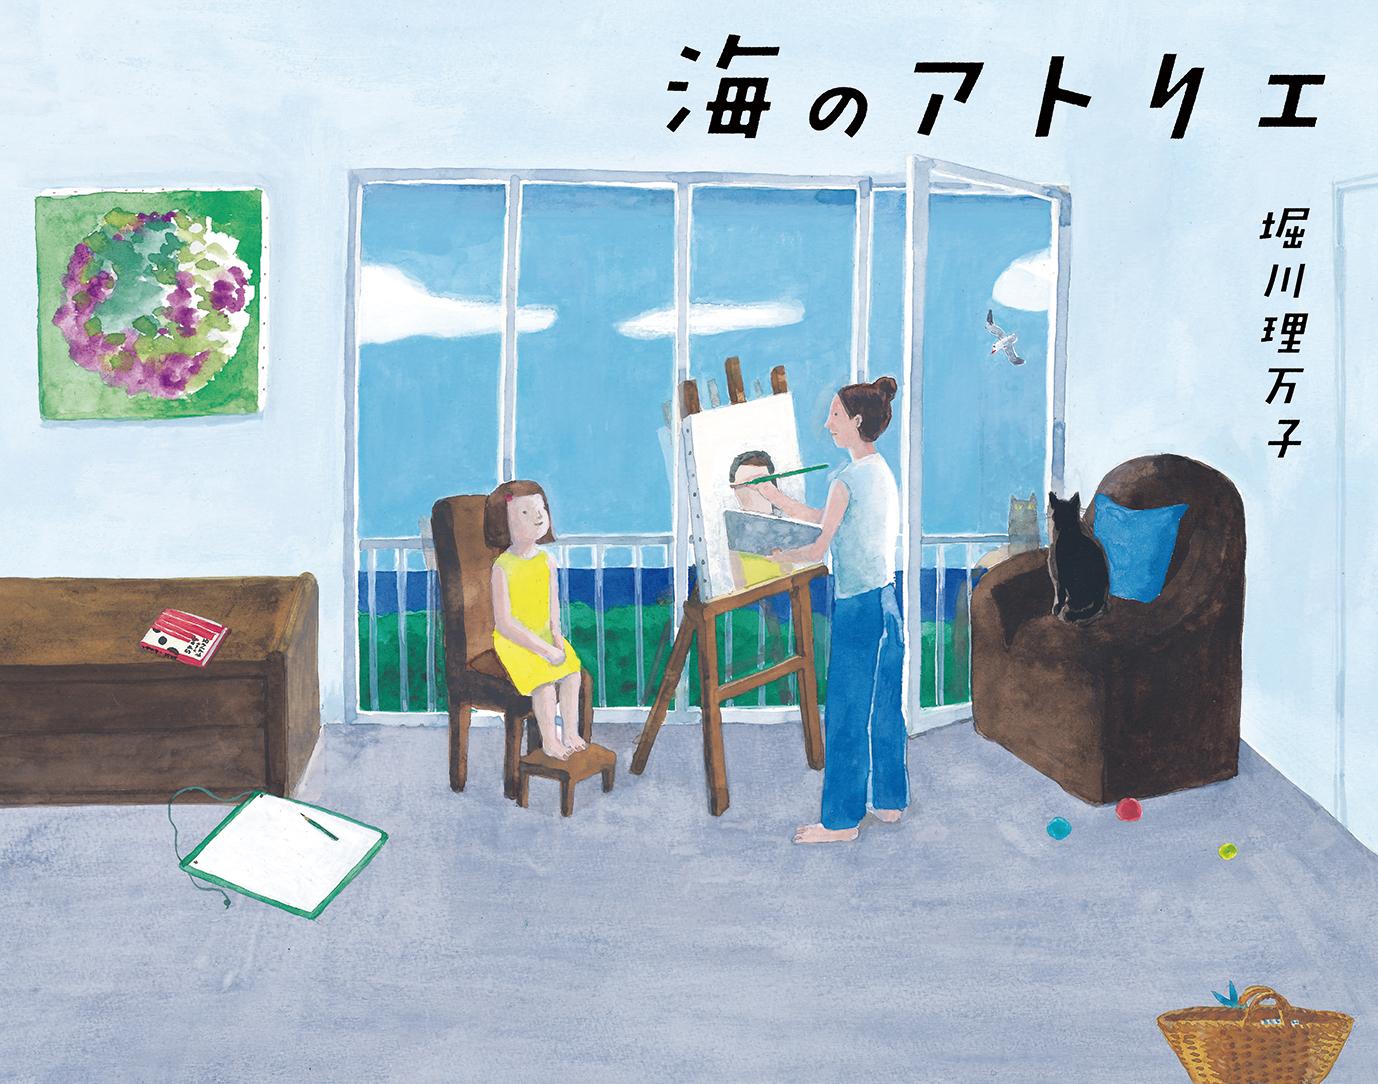 6/20(日)産経新聞で『海のアトリエ』をご紹介いただきました